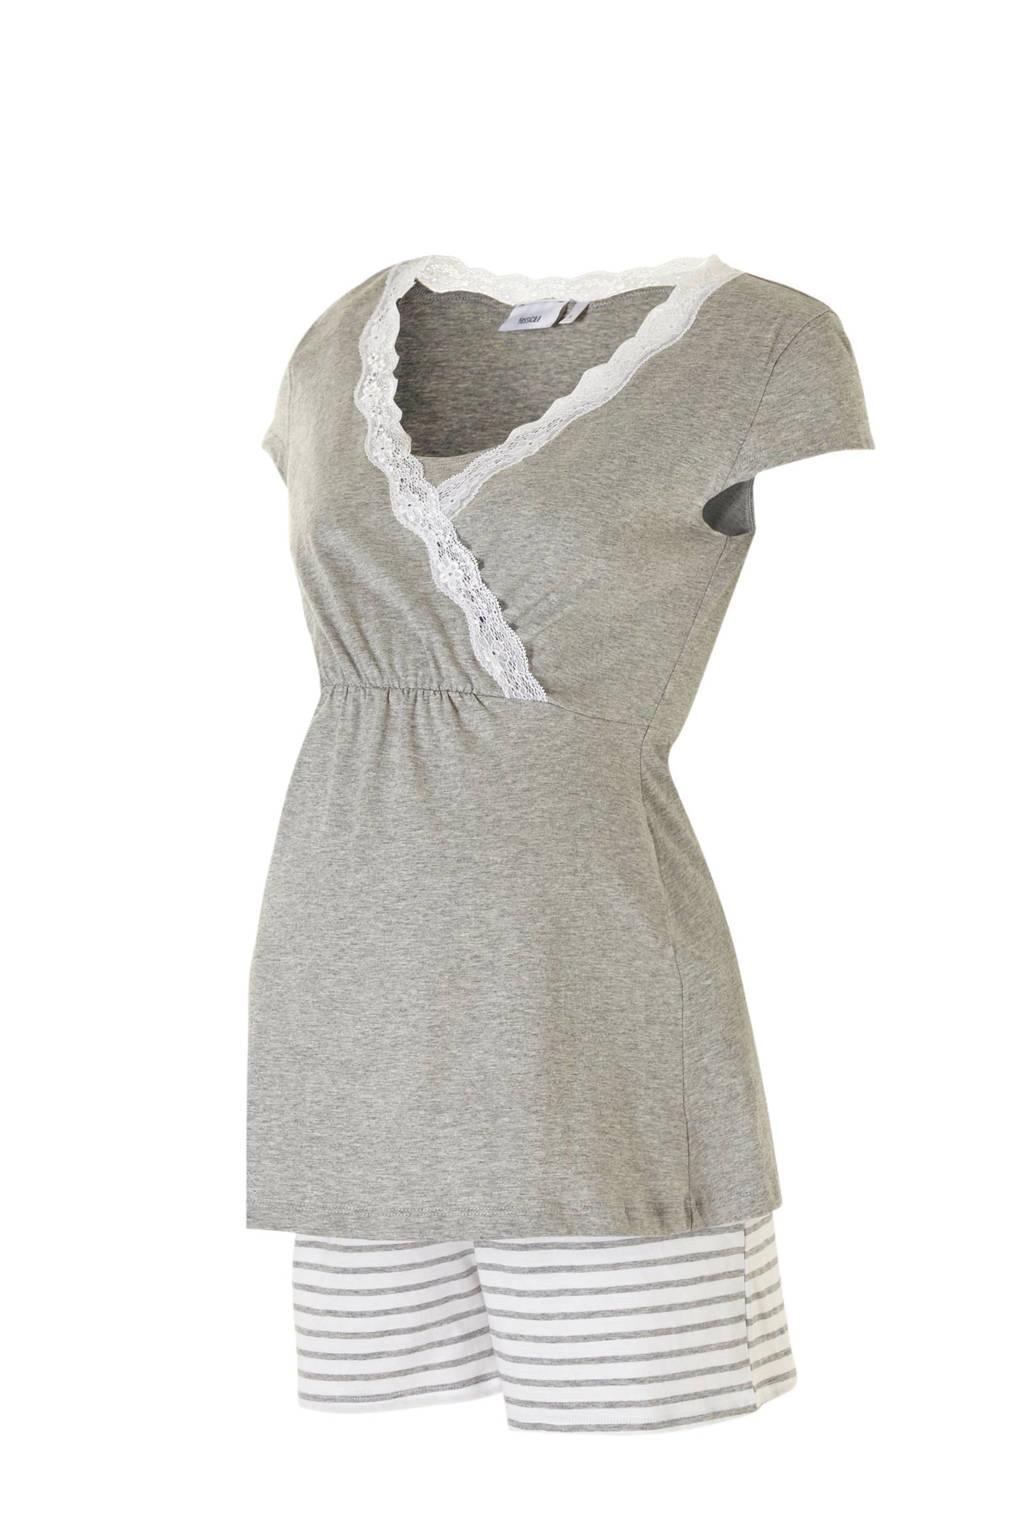 C&A Yessica positie pyjama (2-delig) grijs/wit, Grijs/wit